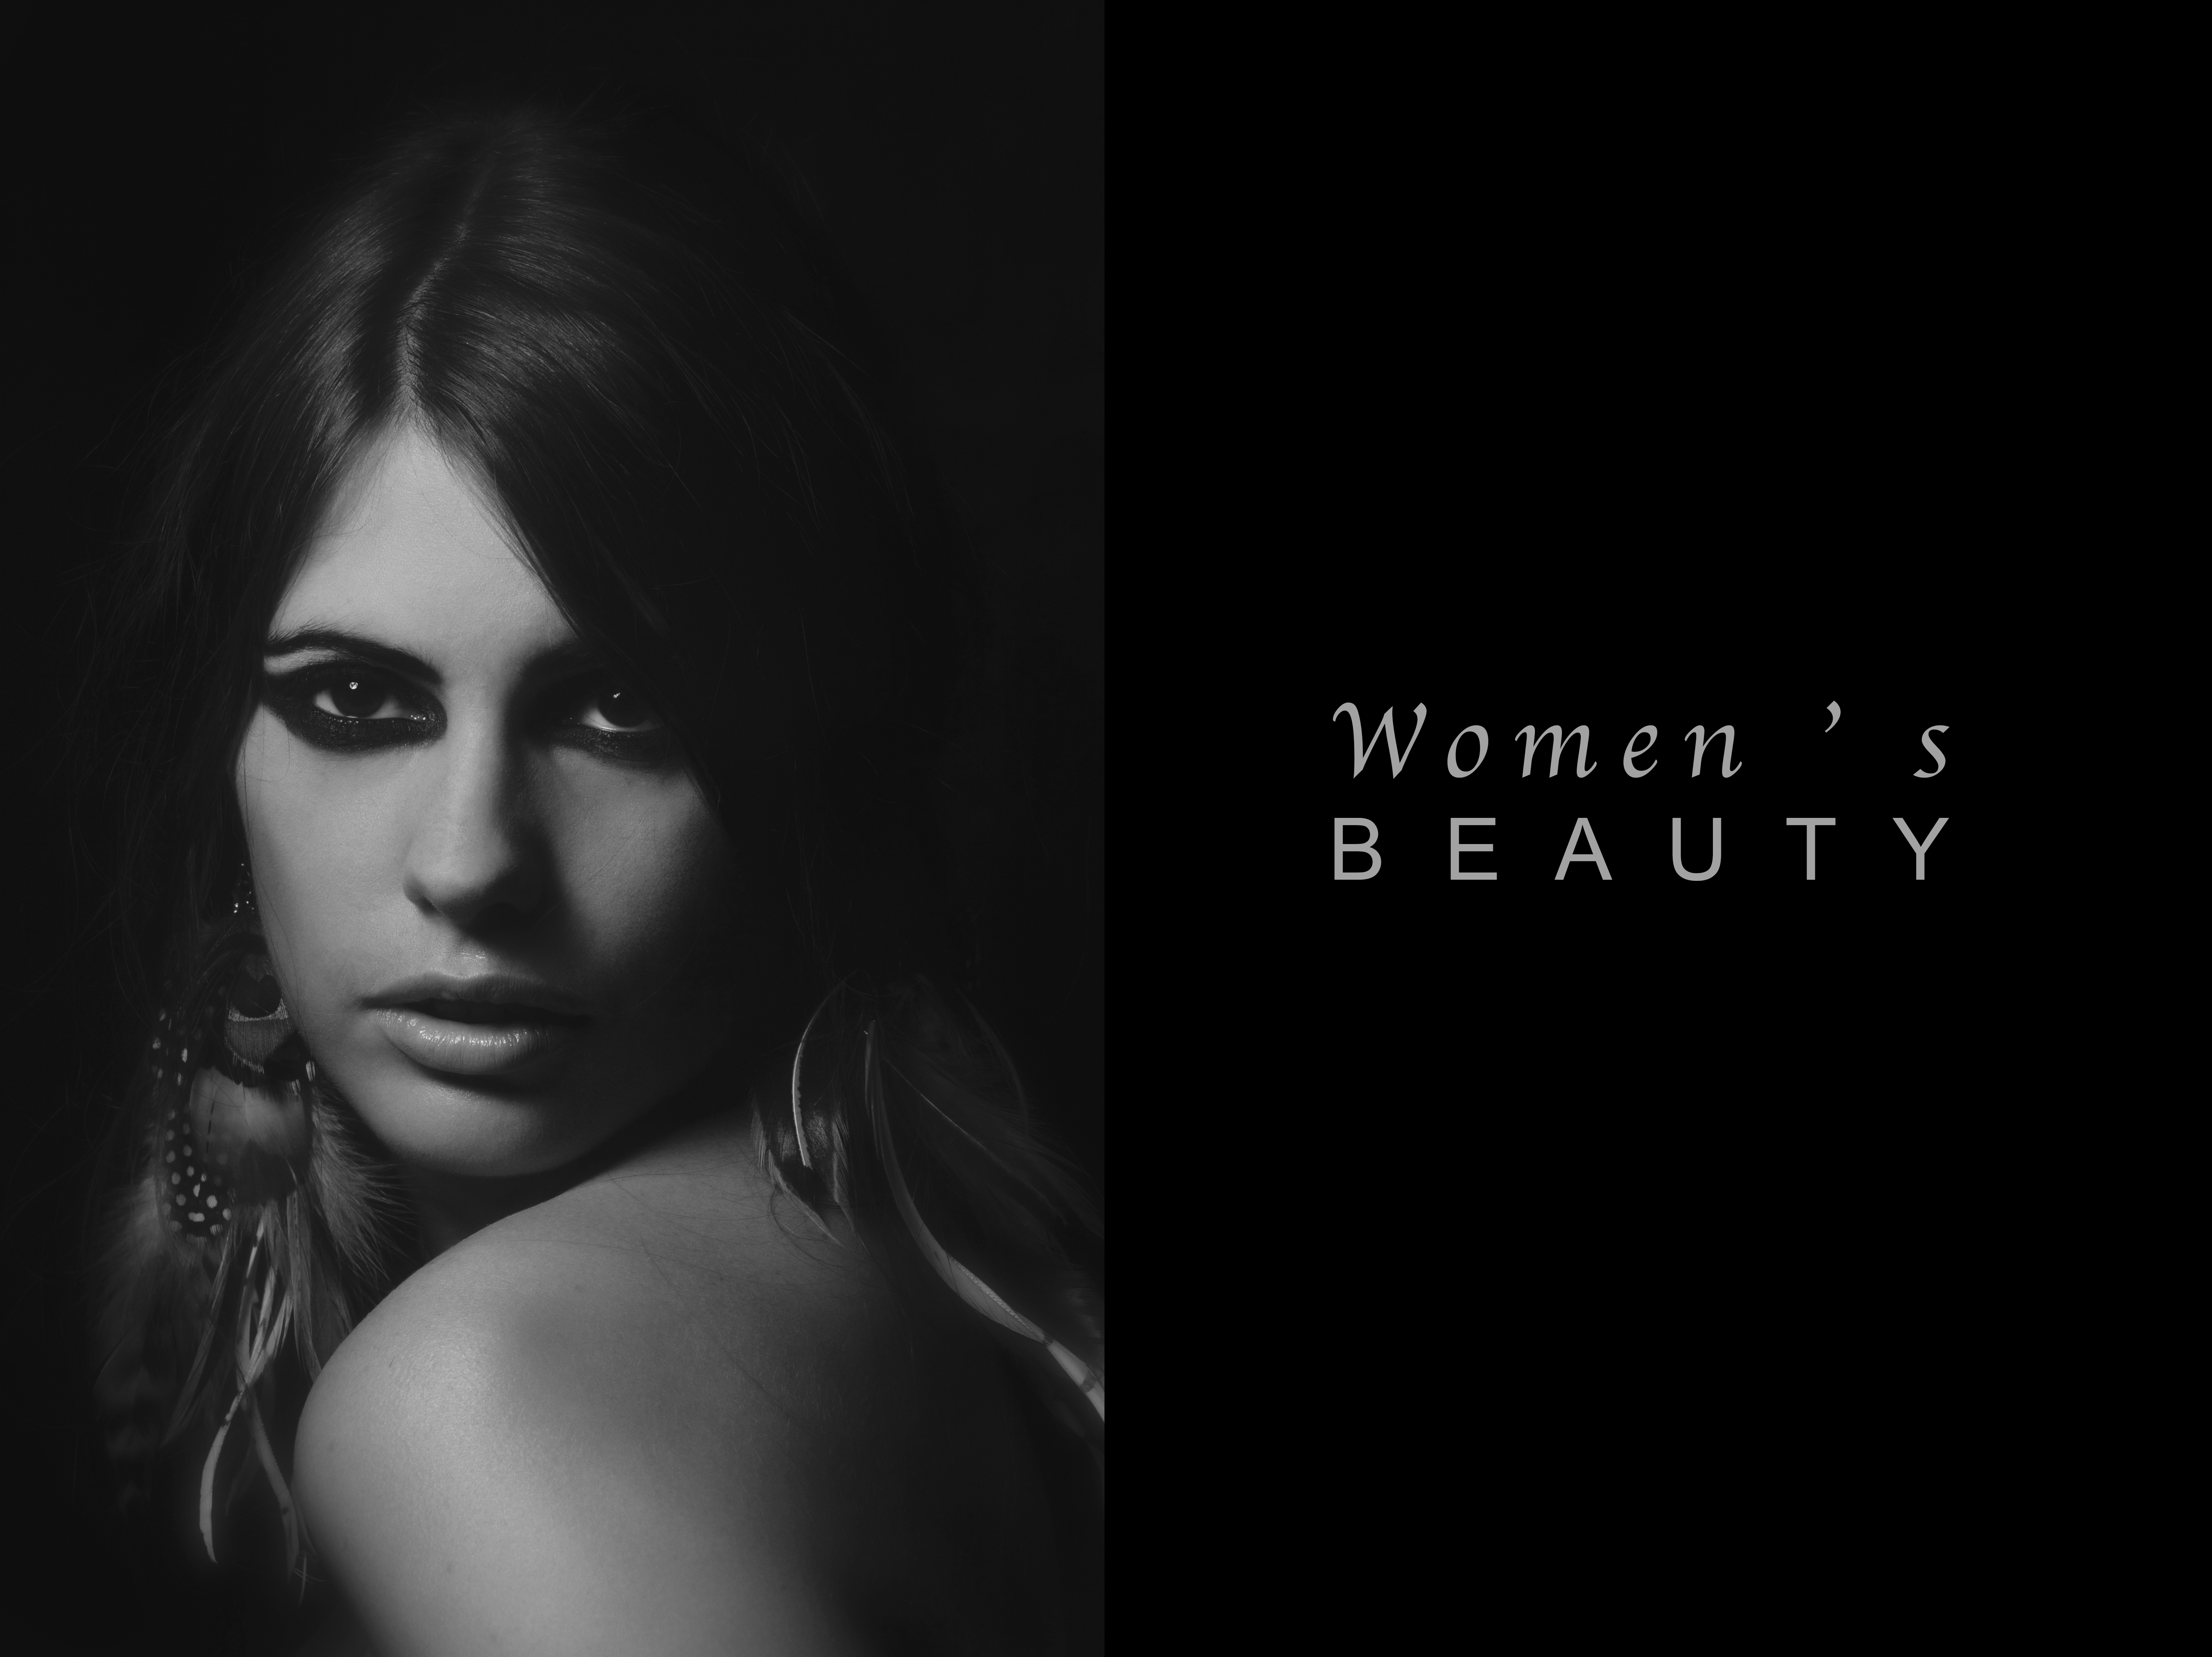 photographe_tours_paris_beauté_bijoux_makeup_book_artiste01